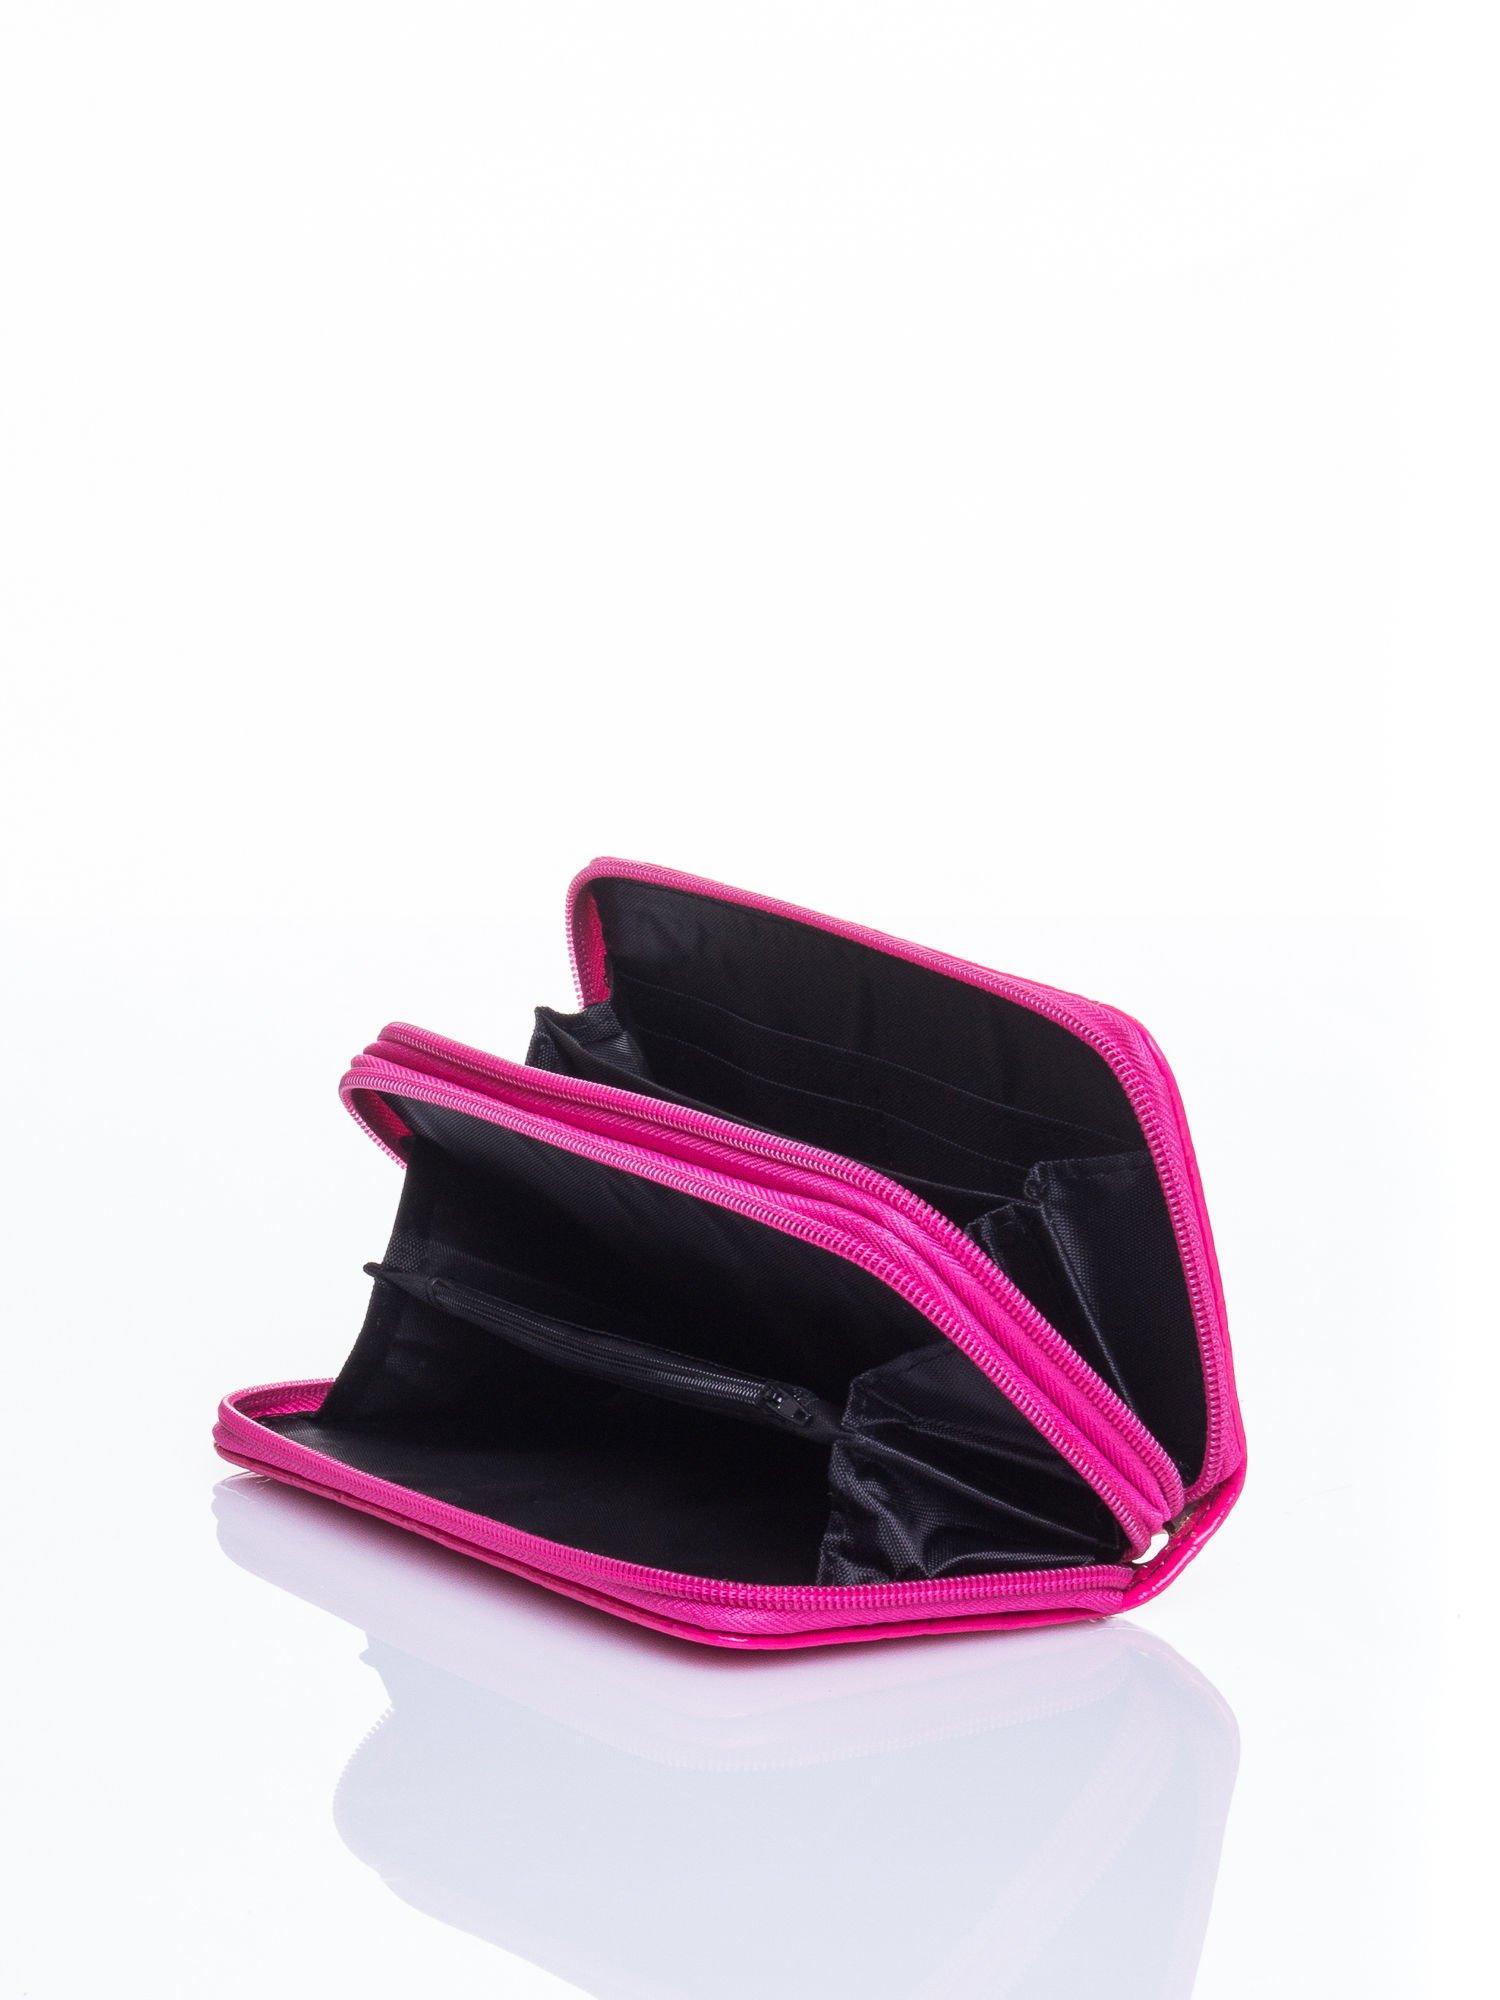 Różowy lakierowany pikowany portfel                                  zdj.                                  4